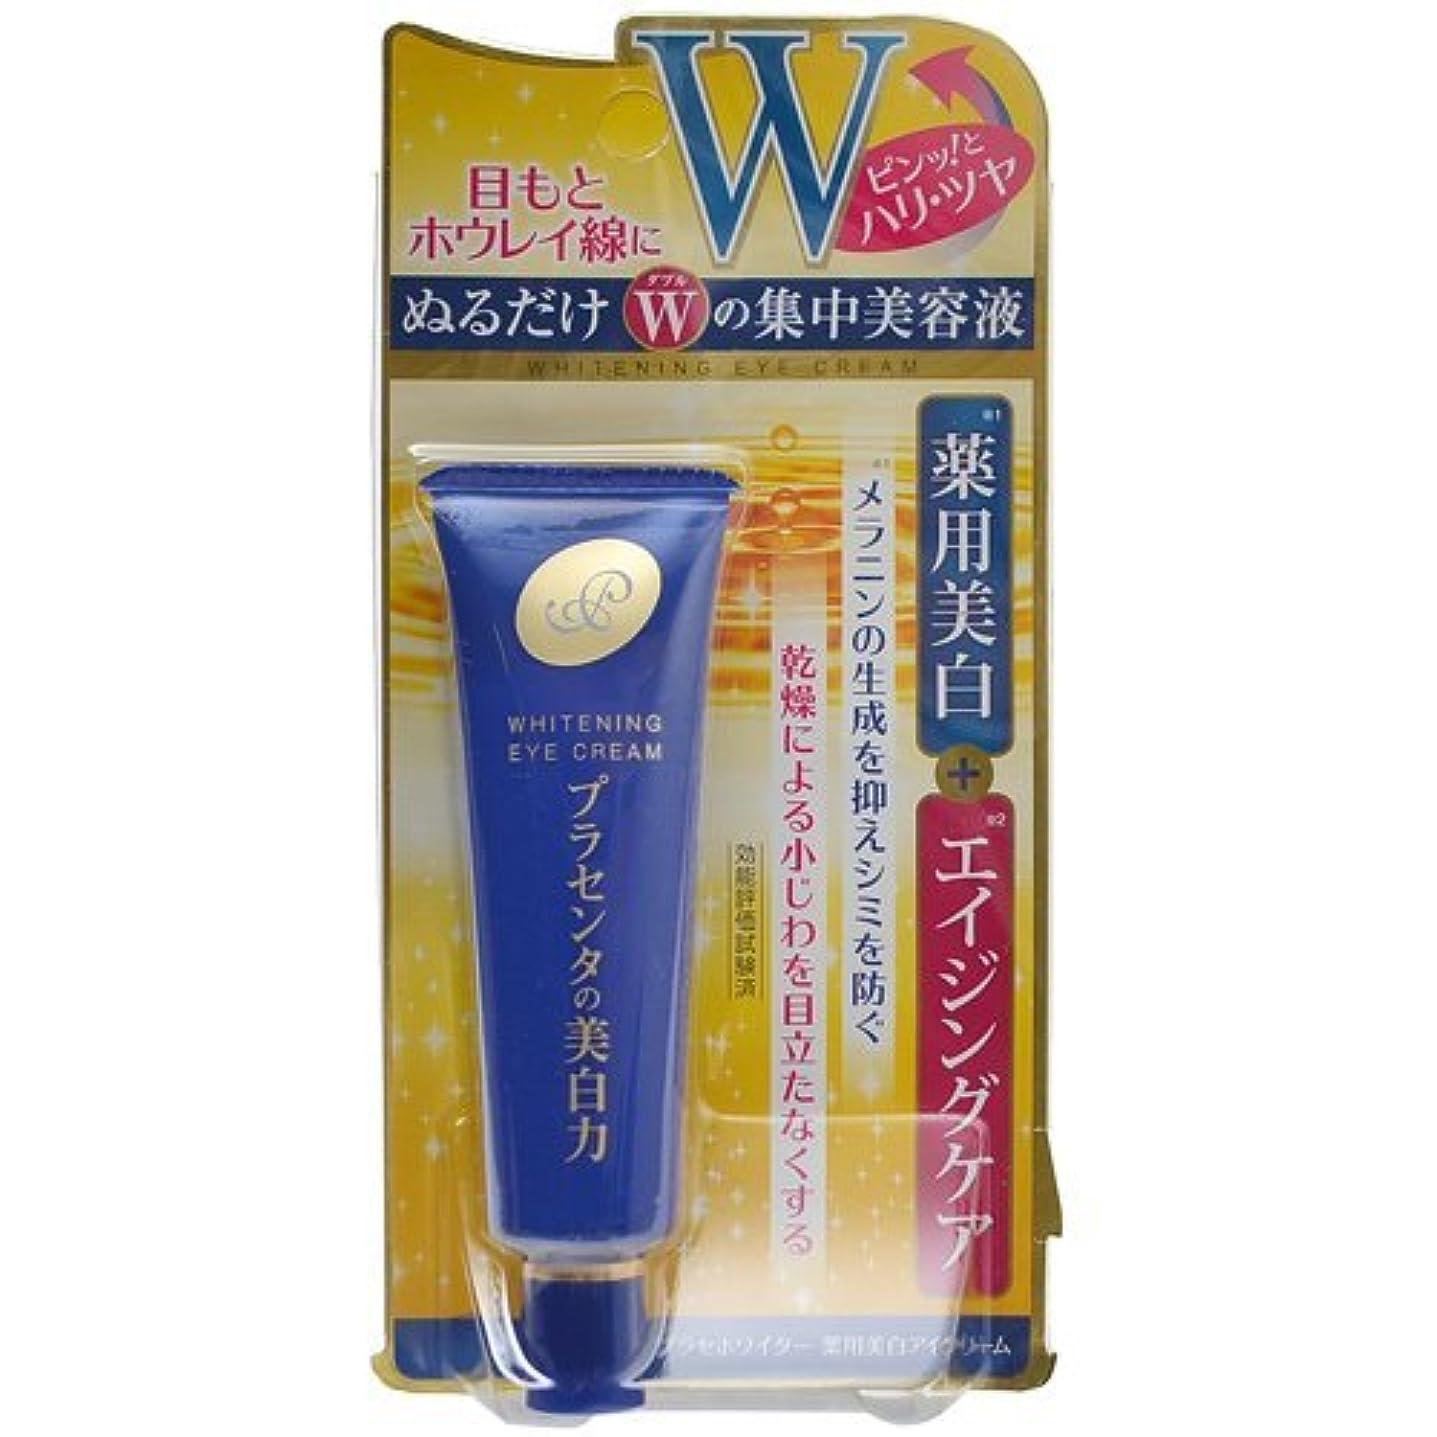 発表するところで共感する【セット品】プラセホワイター 薬用美白アイクリーム 30g (医薬部外品) ×6個